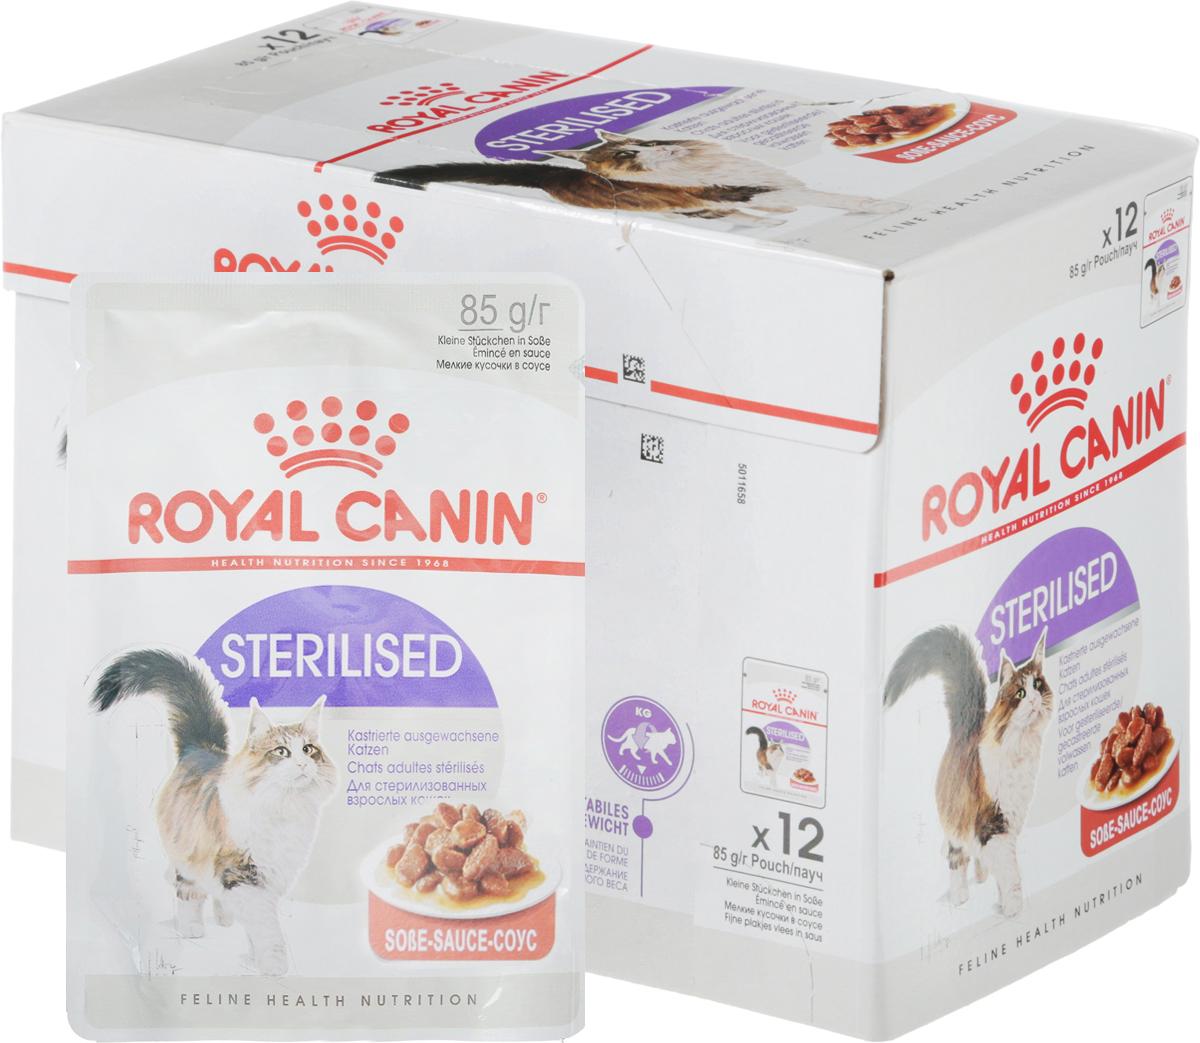 Консервы Royal Canin Sterilised, для стерилизованных кошек, мелкие кусочки в соусе, 85 г, 12 шт47187Консервы Royal Canin Sterilised являются идеально сбалансированным рационом в виде мелких кусочков в соусе для стерилизованных кошек старше 1 года. Здоровая мочевыделительная система. Новый влажный корм Sterilised способствует поддержанию здоровья мочевыделительной системы стерилизованных кошек. Идеальный вес стерилизованной кошки. Поддержание идеального веса кошки.Корм Sterilised помогает сохранить идеальный вес стерилизованной кошки благодаря точно подобранному содержанию энергии. Инстинктивное предпочтение стерилизованной кошки. Инстинктивное предпочтение. Оптимальное соотношение белков, жиров и углеводов способствует долговременному сохранению вкусовой привлекательности корма. Специальный макронутриентный профиль. В рацион домашнего любимца нужно обязательно включать консервированный корм, ведь его главные достоинства - высокая калорийность и питательная ценность. Консервы лучше усваиваются, чем сухие корма. Также важно, что животные, имеющие в рационеконсервированный корм, получают больше влаги. Состав: мясо и мясные субпродукты, злаки, субпродукты растительного происхождения, минеральные вещества, экстракты белков растительного происхождения, углеводы. Добавки (в 1 кг): Витамин D3: 90 ME, Железо: 3 мг, Йод: 0,21 мг, Медь: 1,6 мг, Марганец: 0,9 мг, Цинк: 9 мг. Товар сертифицирован.